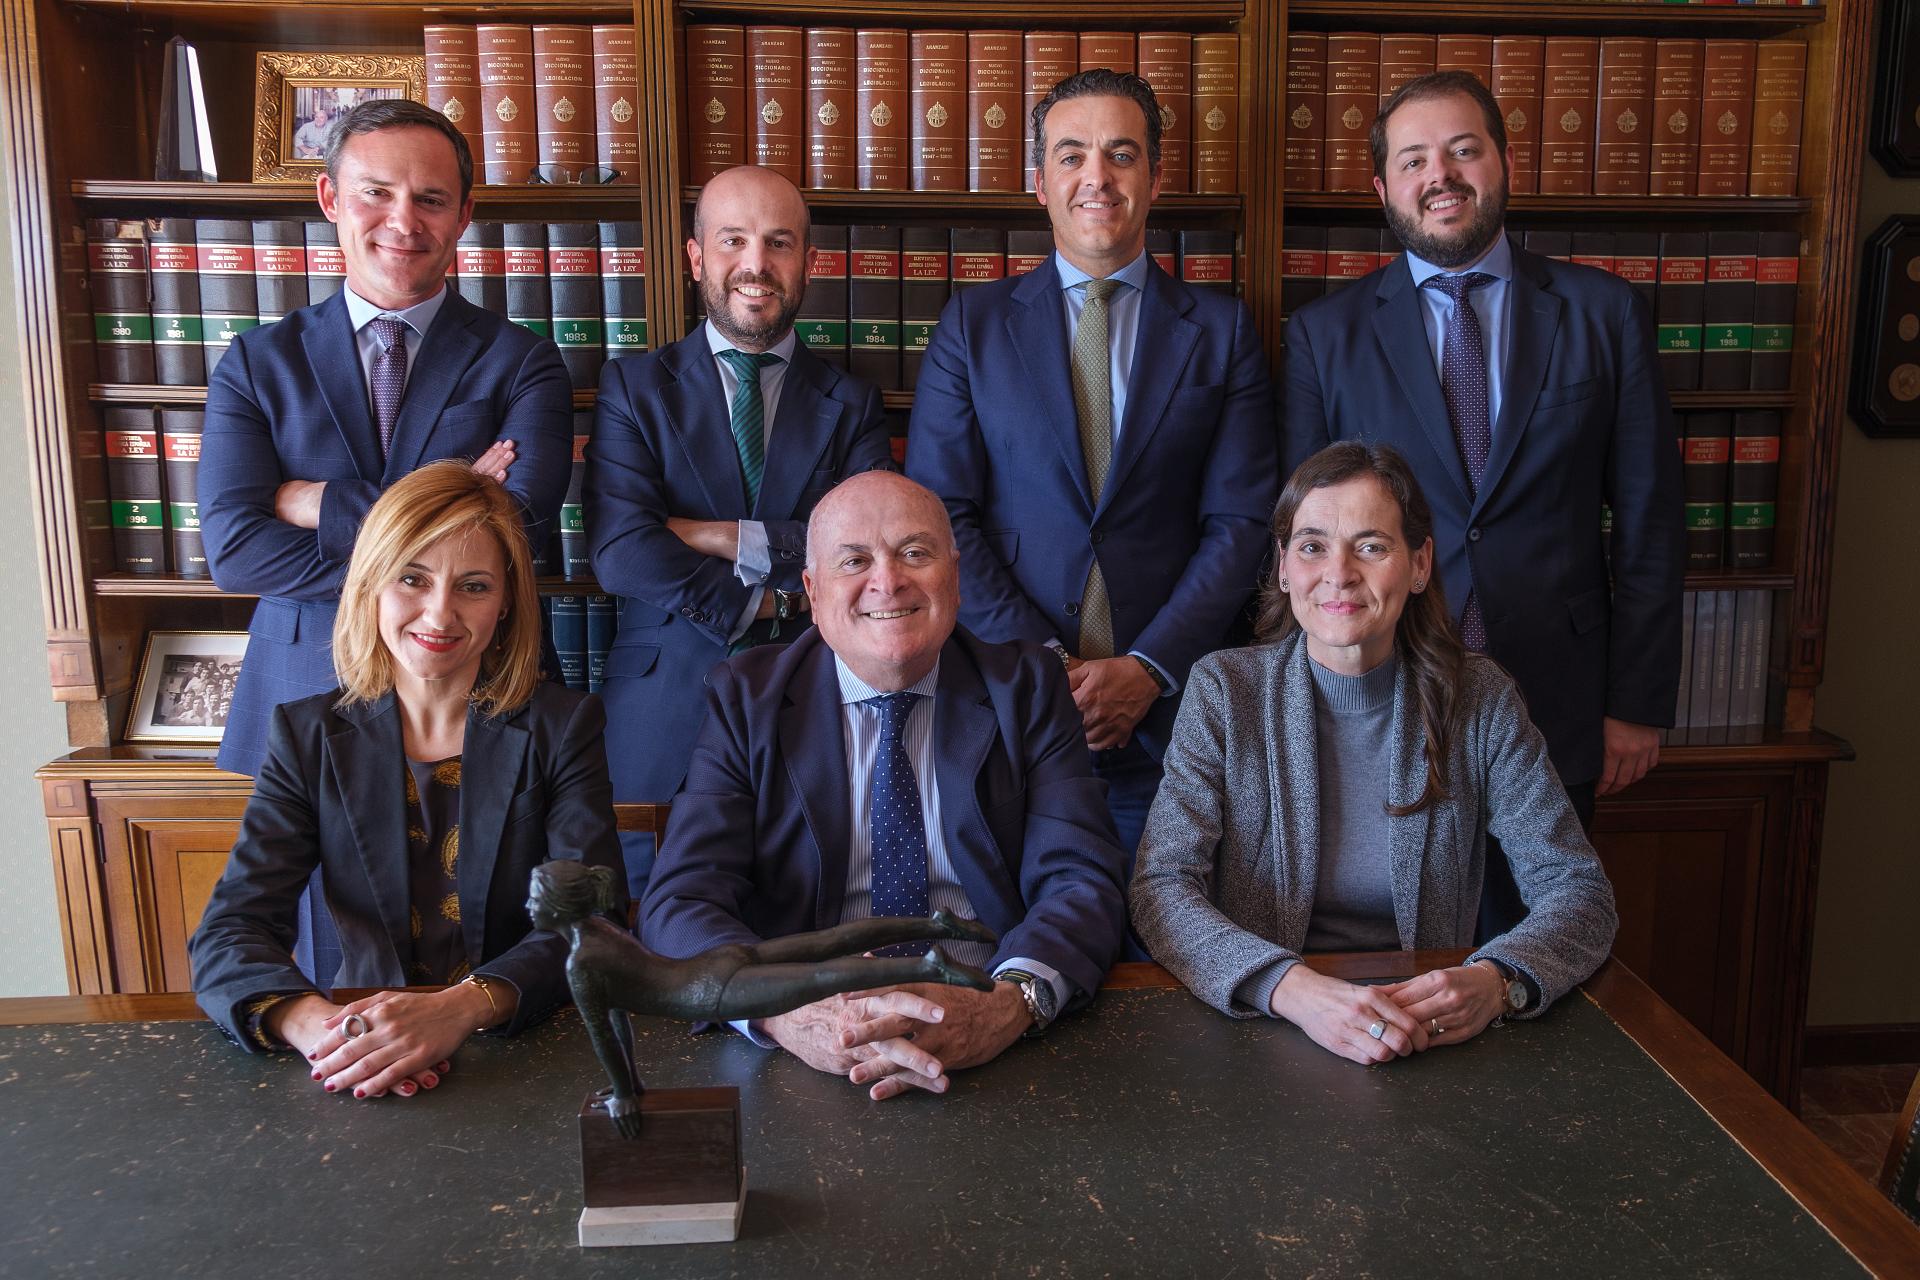 Foto de grupo de todo el equipo de AIC ABOGADOS en la biblioteca del despacho